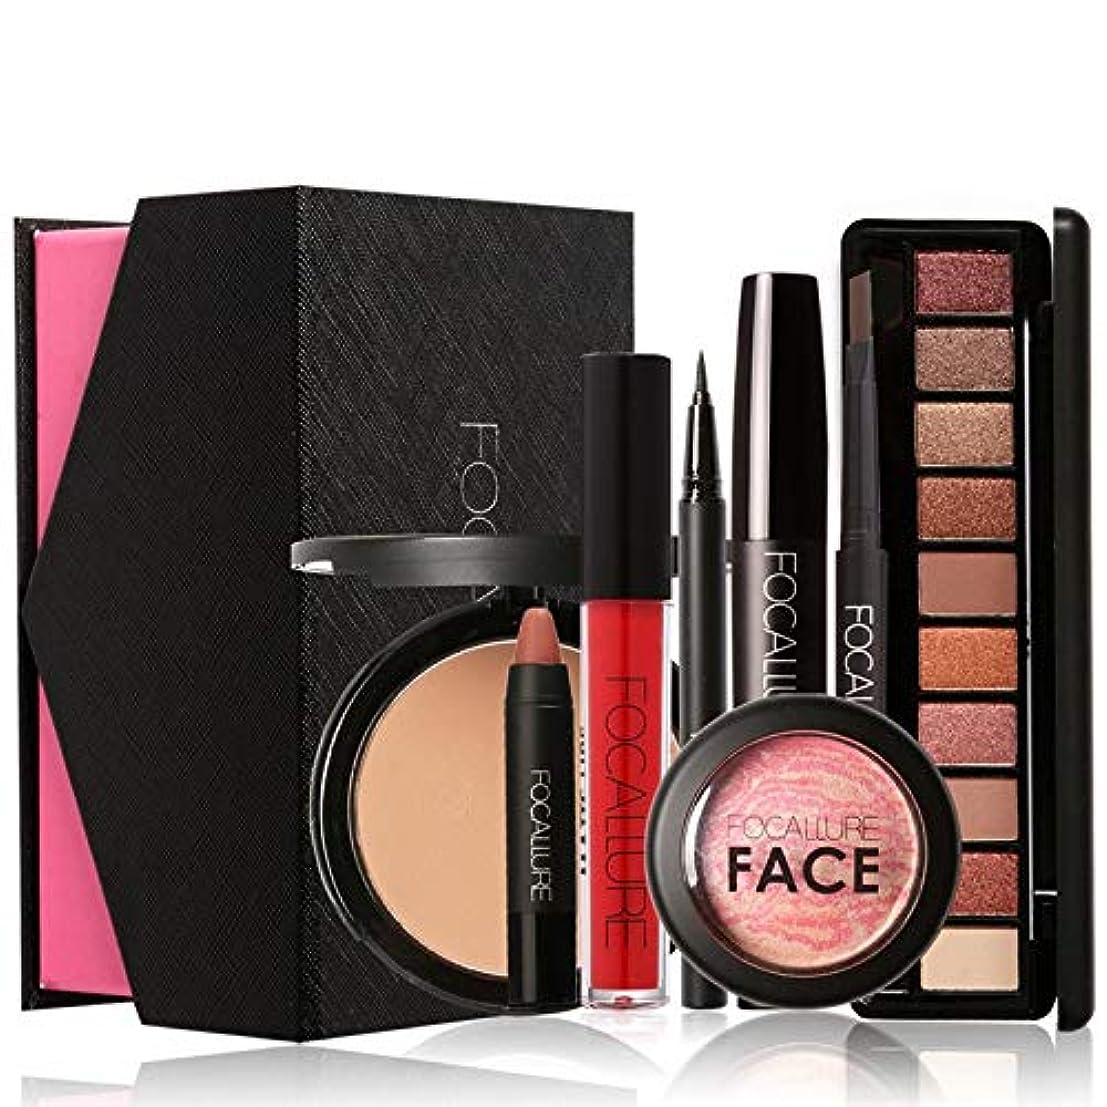 ソーダ水保存株式会社8Pcs Daily Use Cosmetics Makeup Sets Make Up Cosmetics Gift Makeup Set for women 毎日の使用8個の化粧品メイクアップセットメイクアップ化粧品...